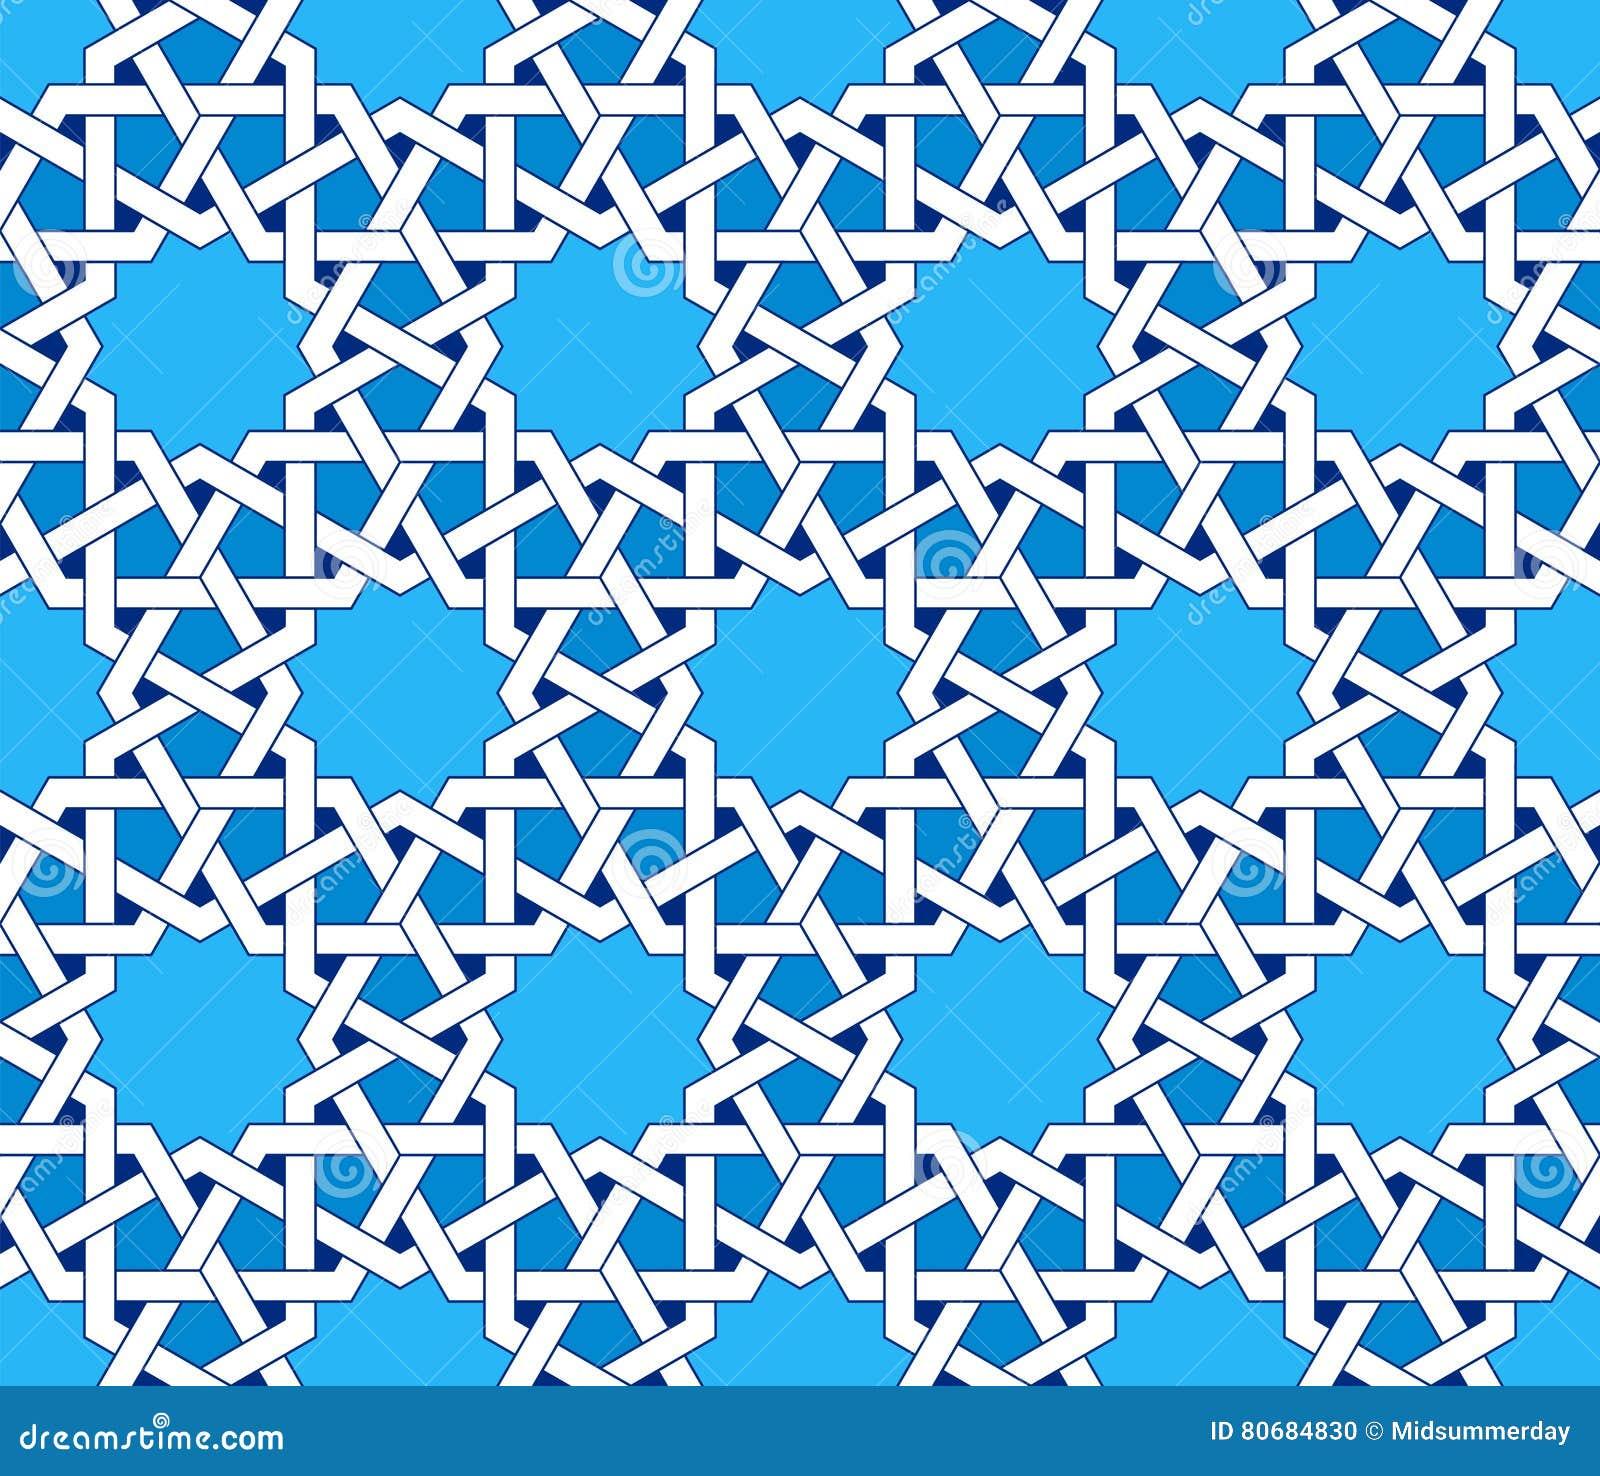 islamisches nahtloses muster orientalische geometrische